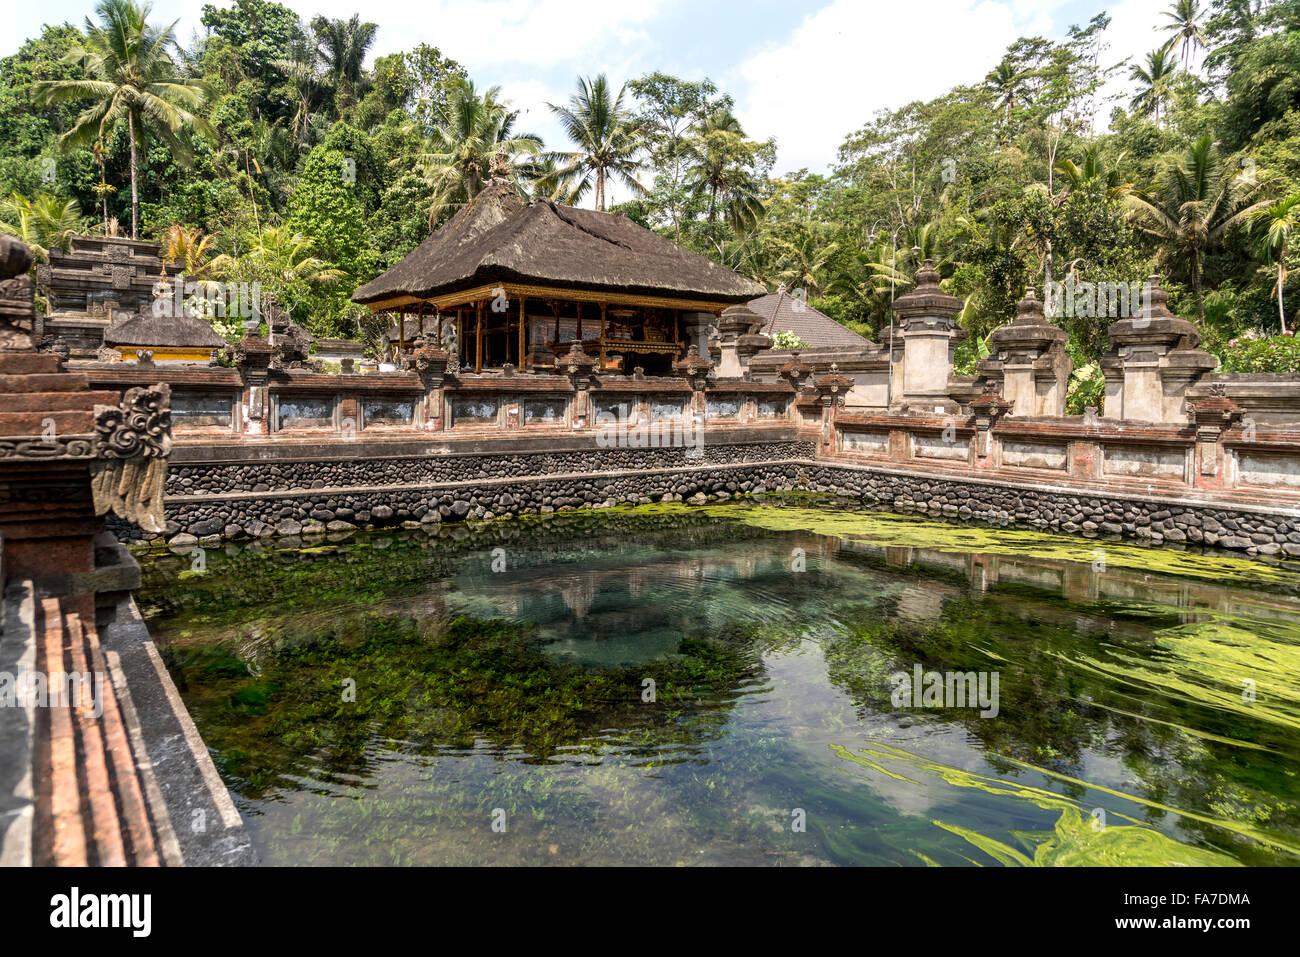 Printemps de la sainte eau Tirta Empul temple hindou près de Ubud, Bali, Indonésie Photo Stock